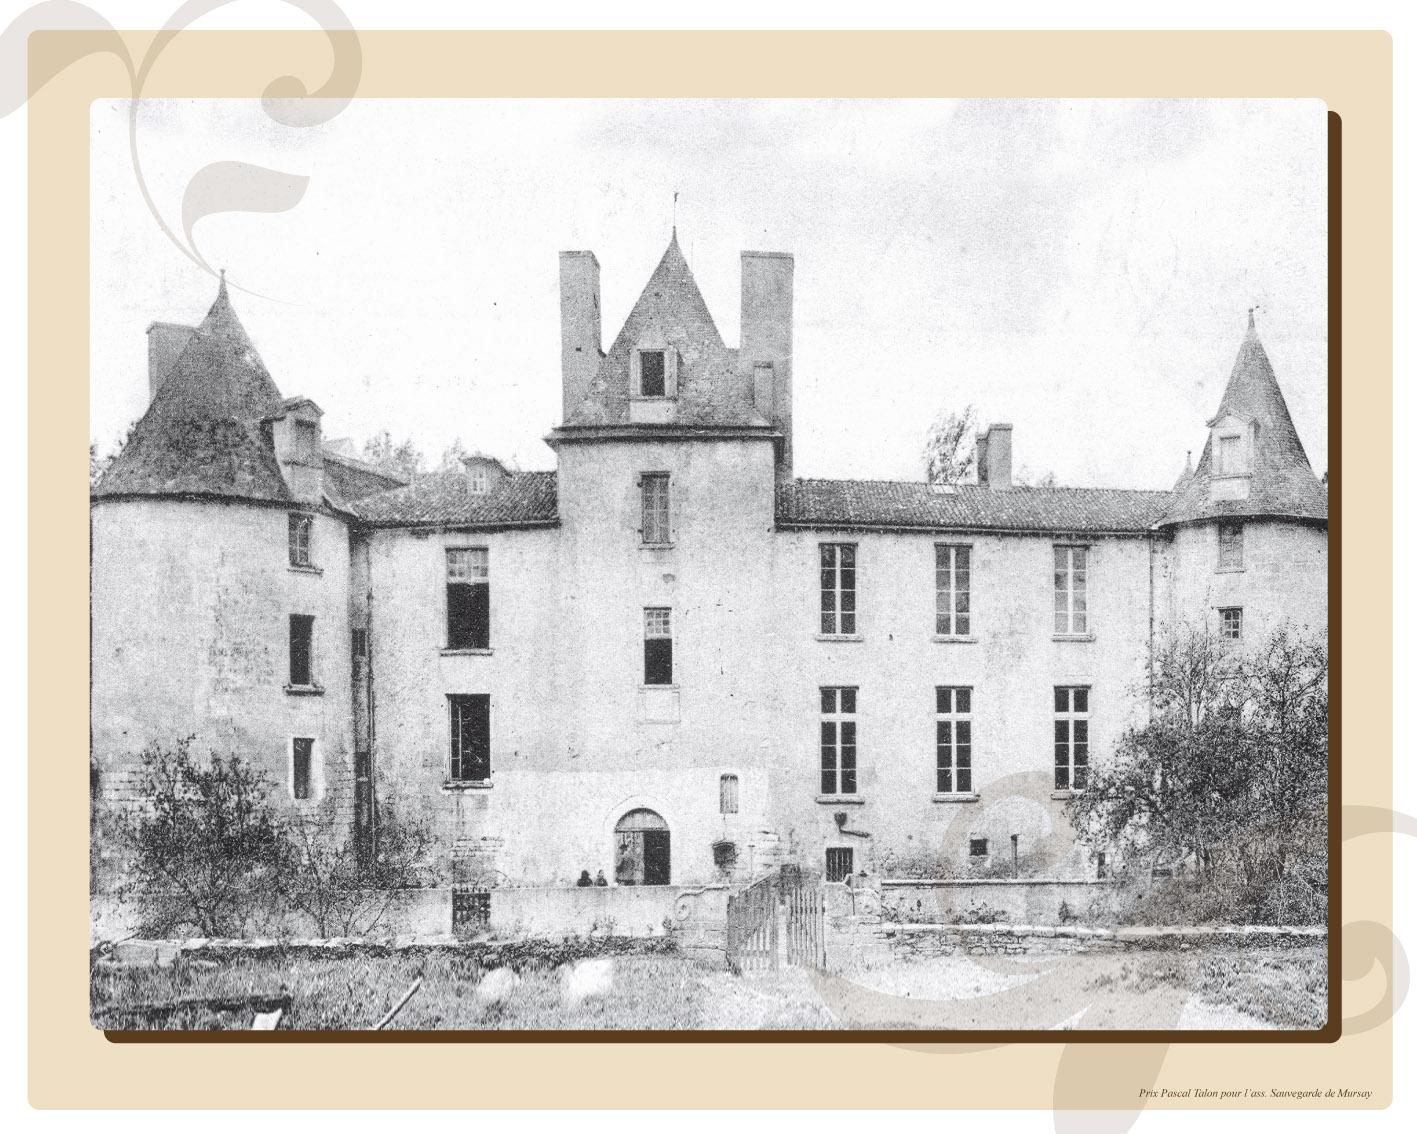 chateau de vallois Découvrez le patrimoine de vallois situation géographique, histoire, traditions, spécialités gastronomiques, sites incontournables à découvrir, activités.